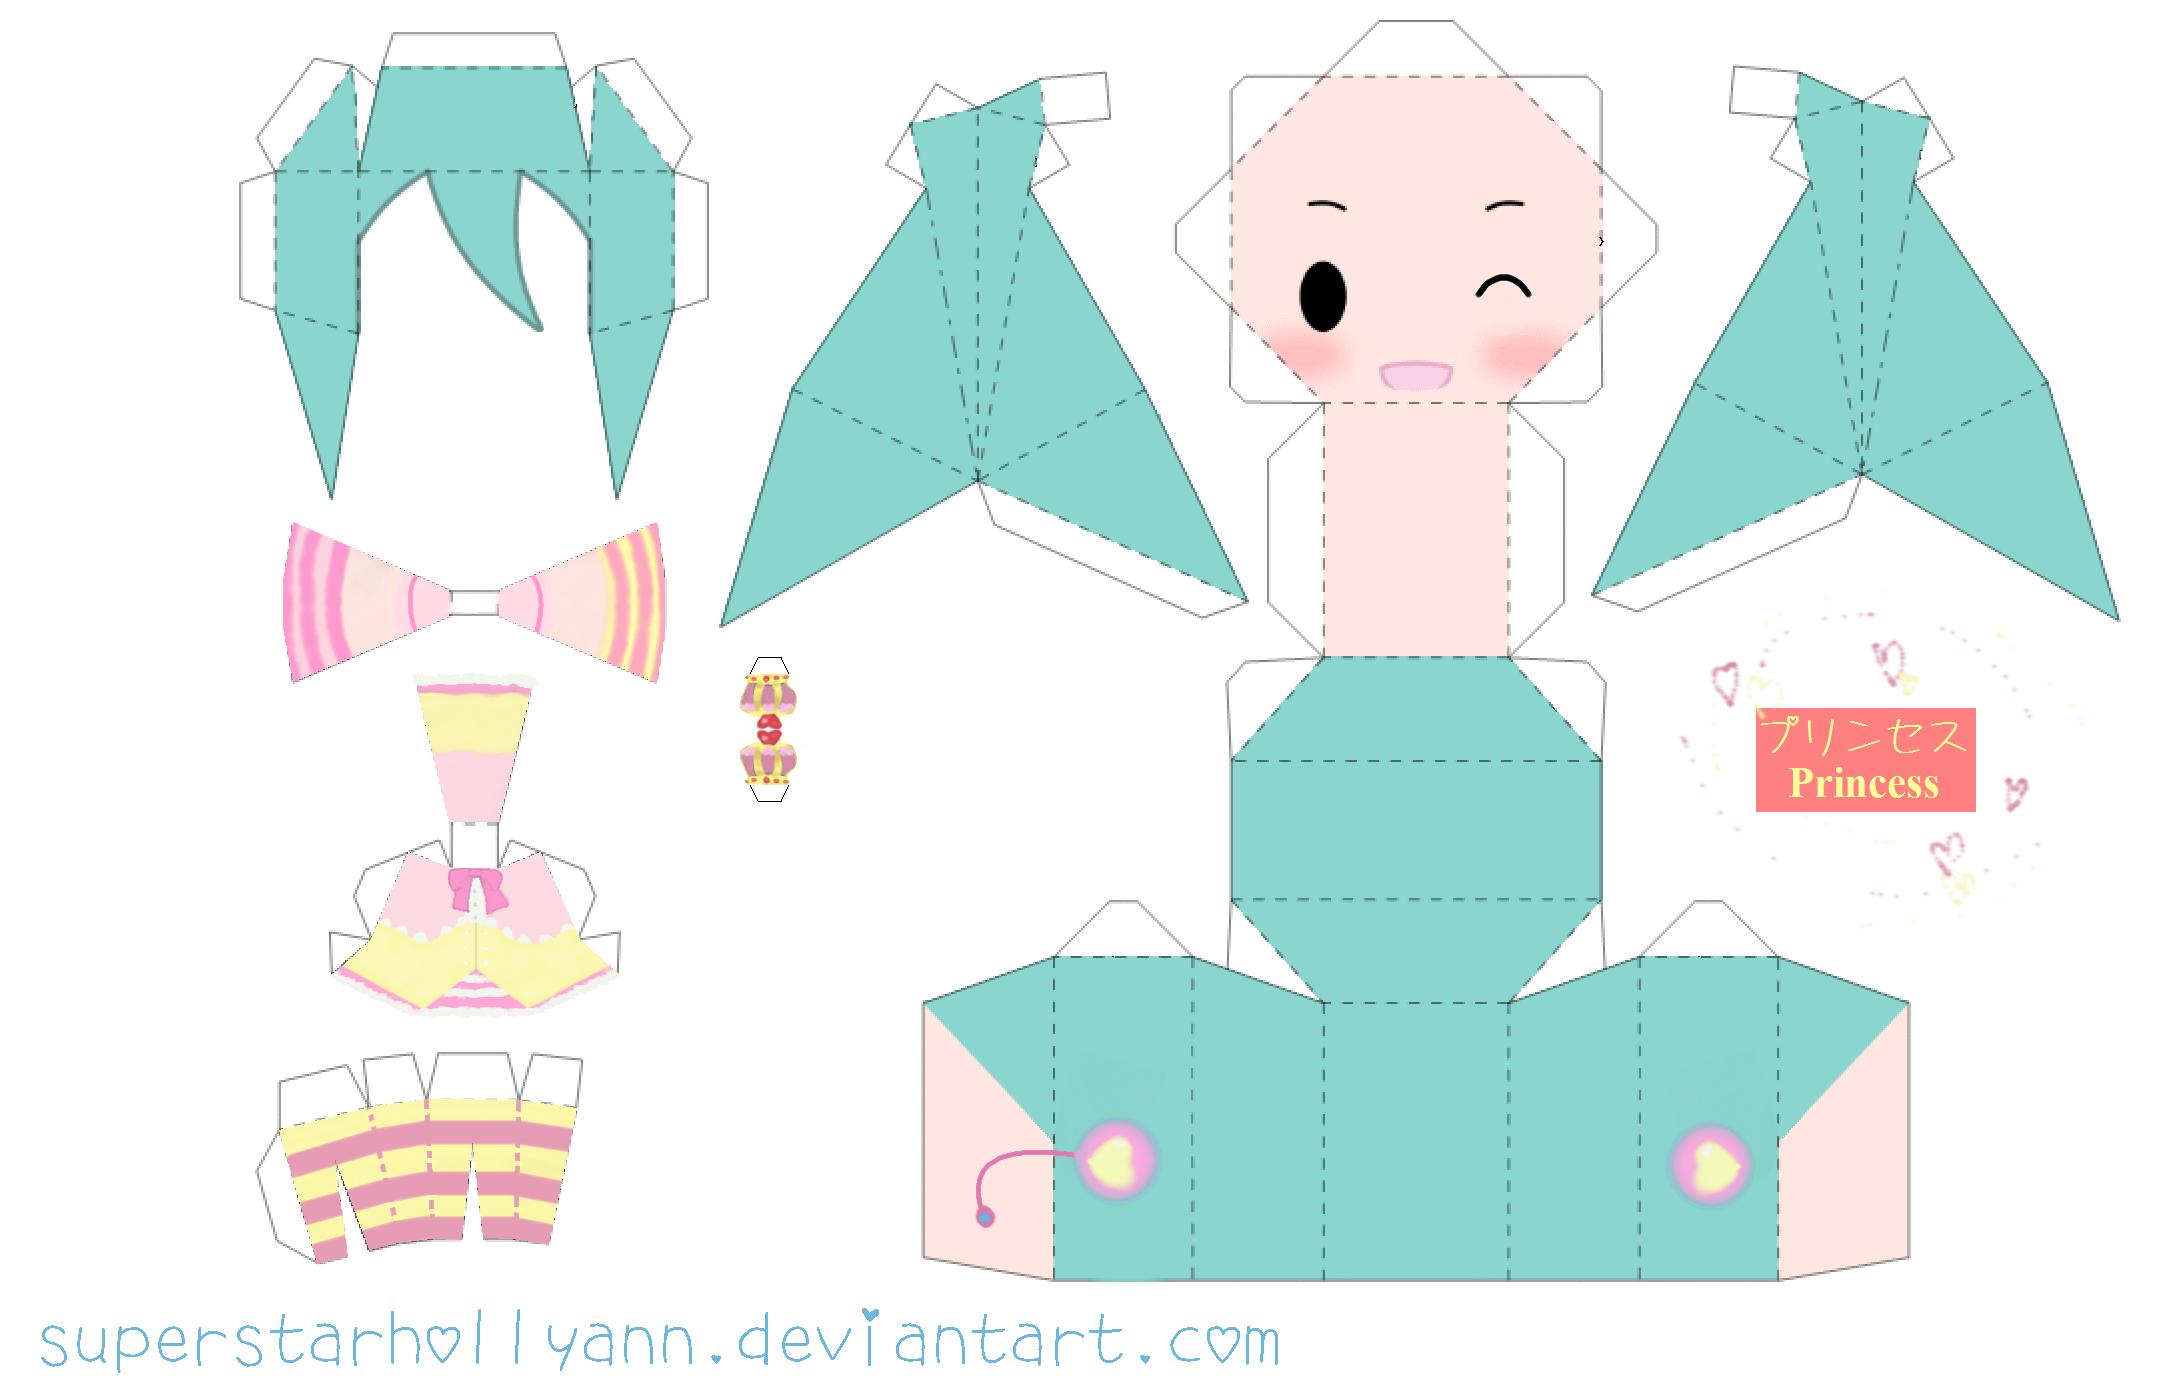 Princess Miku Papercraft By Superstarhollyann On Deviantart